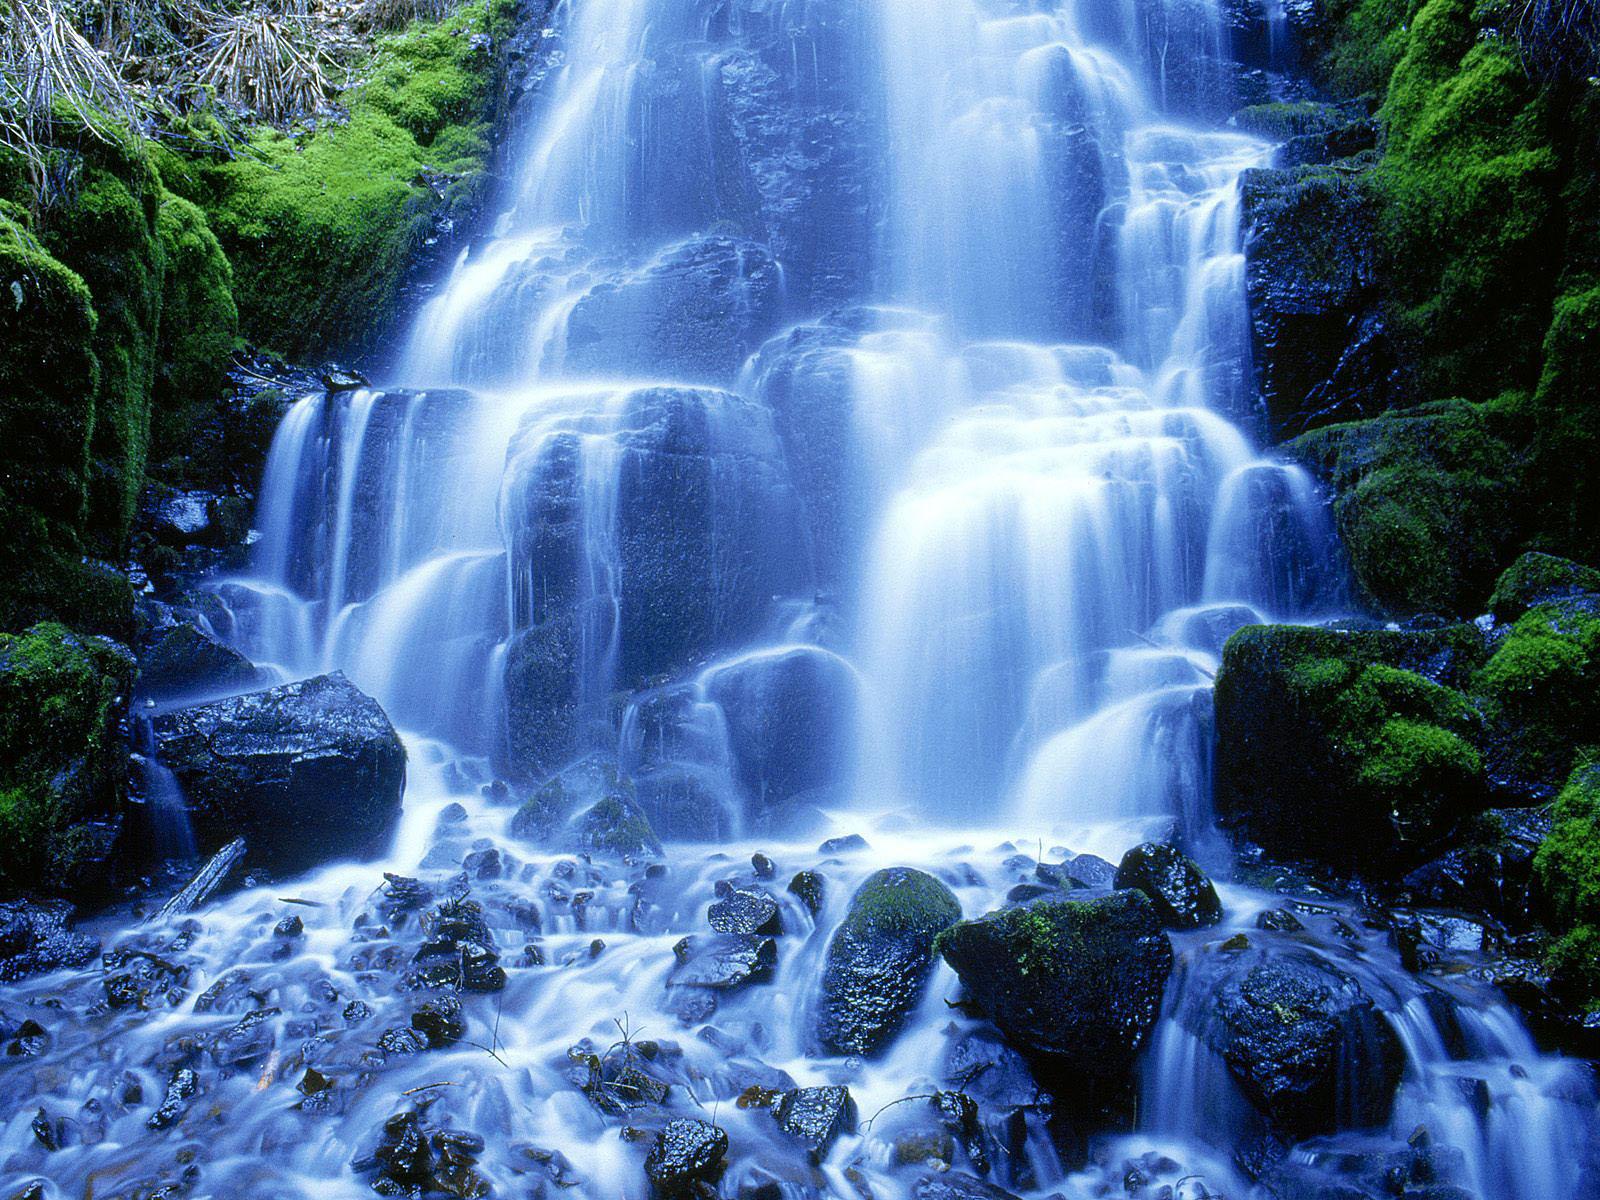 Watervallen achtergronden hd wallpapers for Screensaver hd gratis